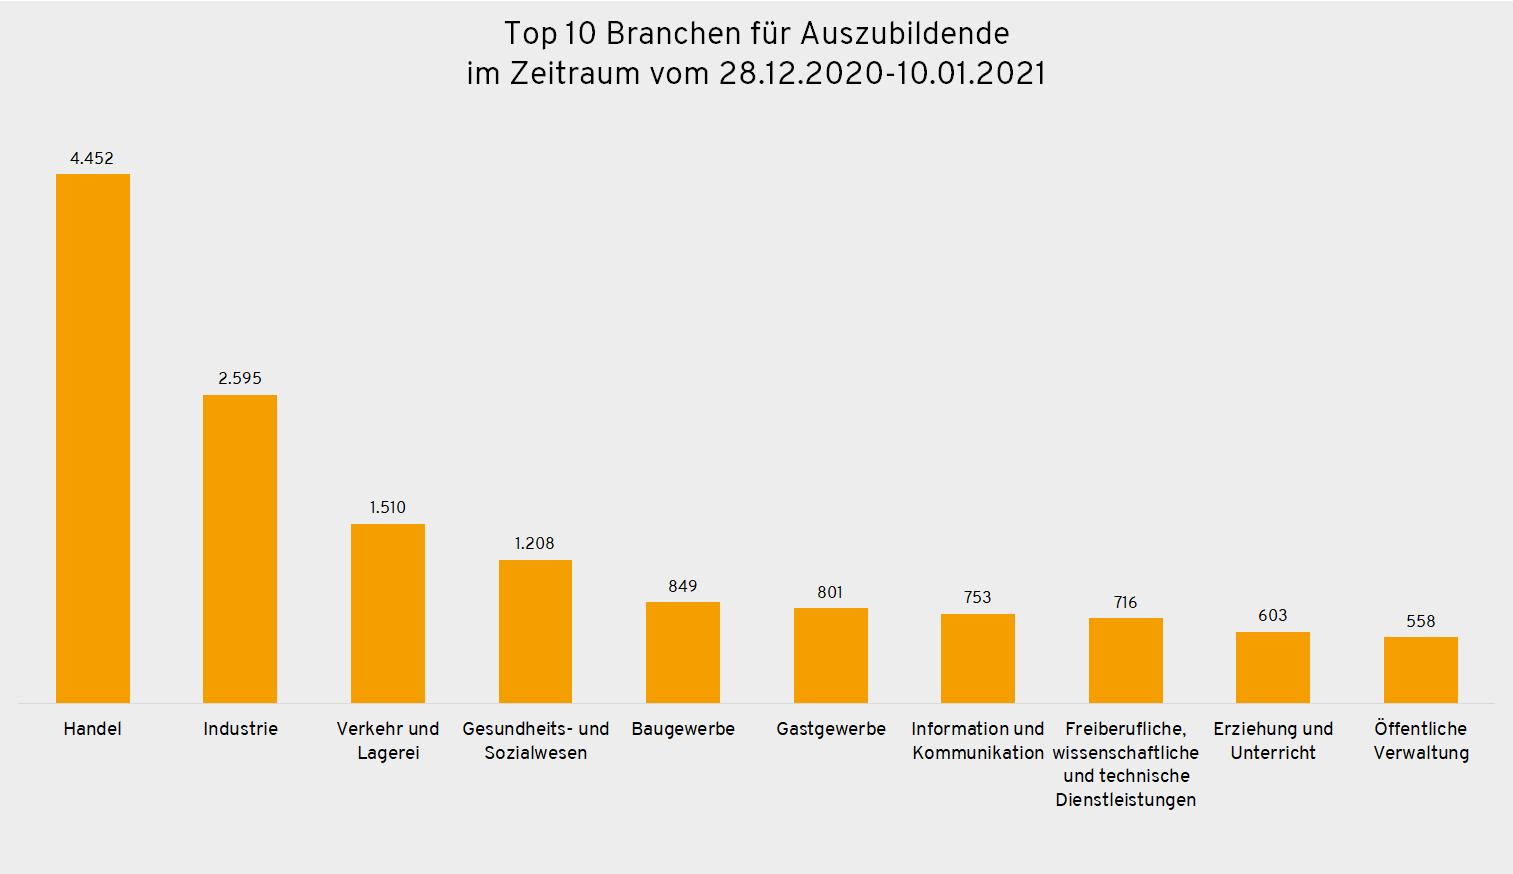 Top 10 Branchen für Auszubildende